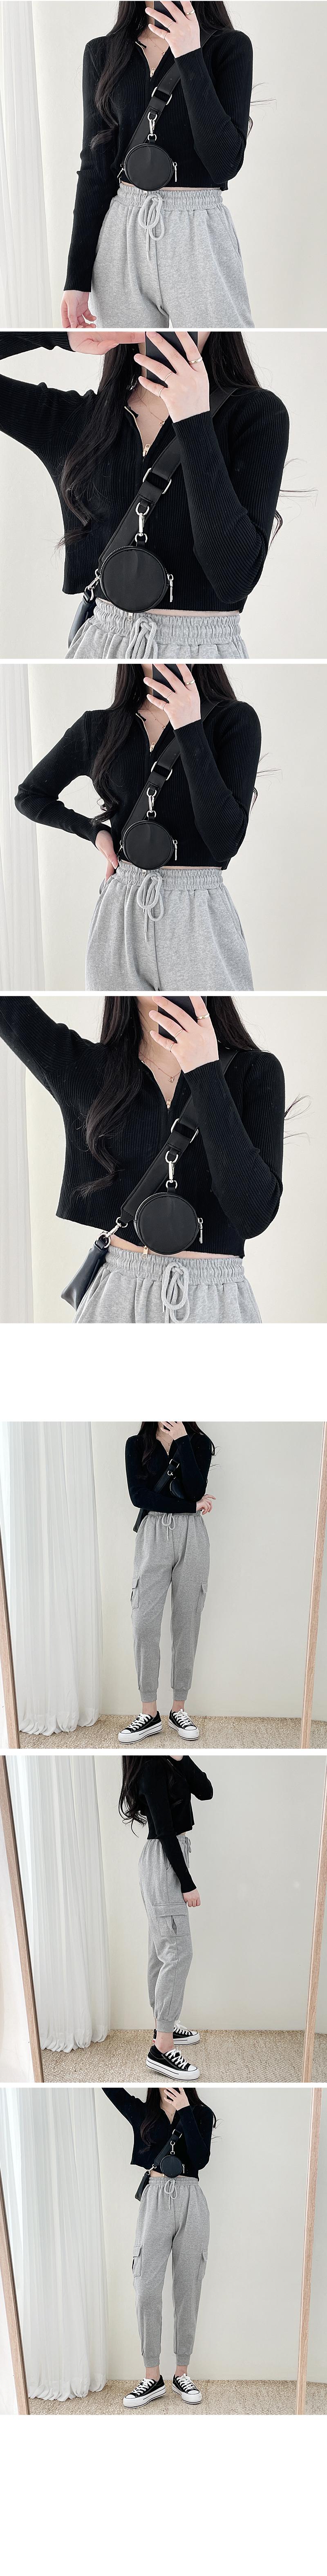 Two-Way Zipper Knitwear Hooded Zip-Up